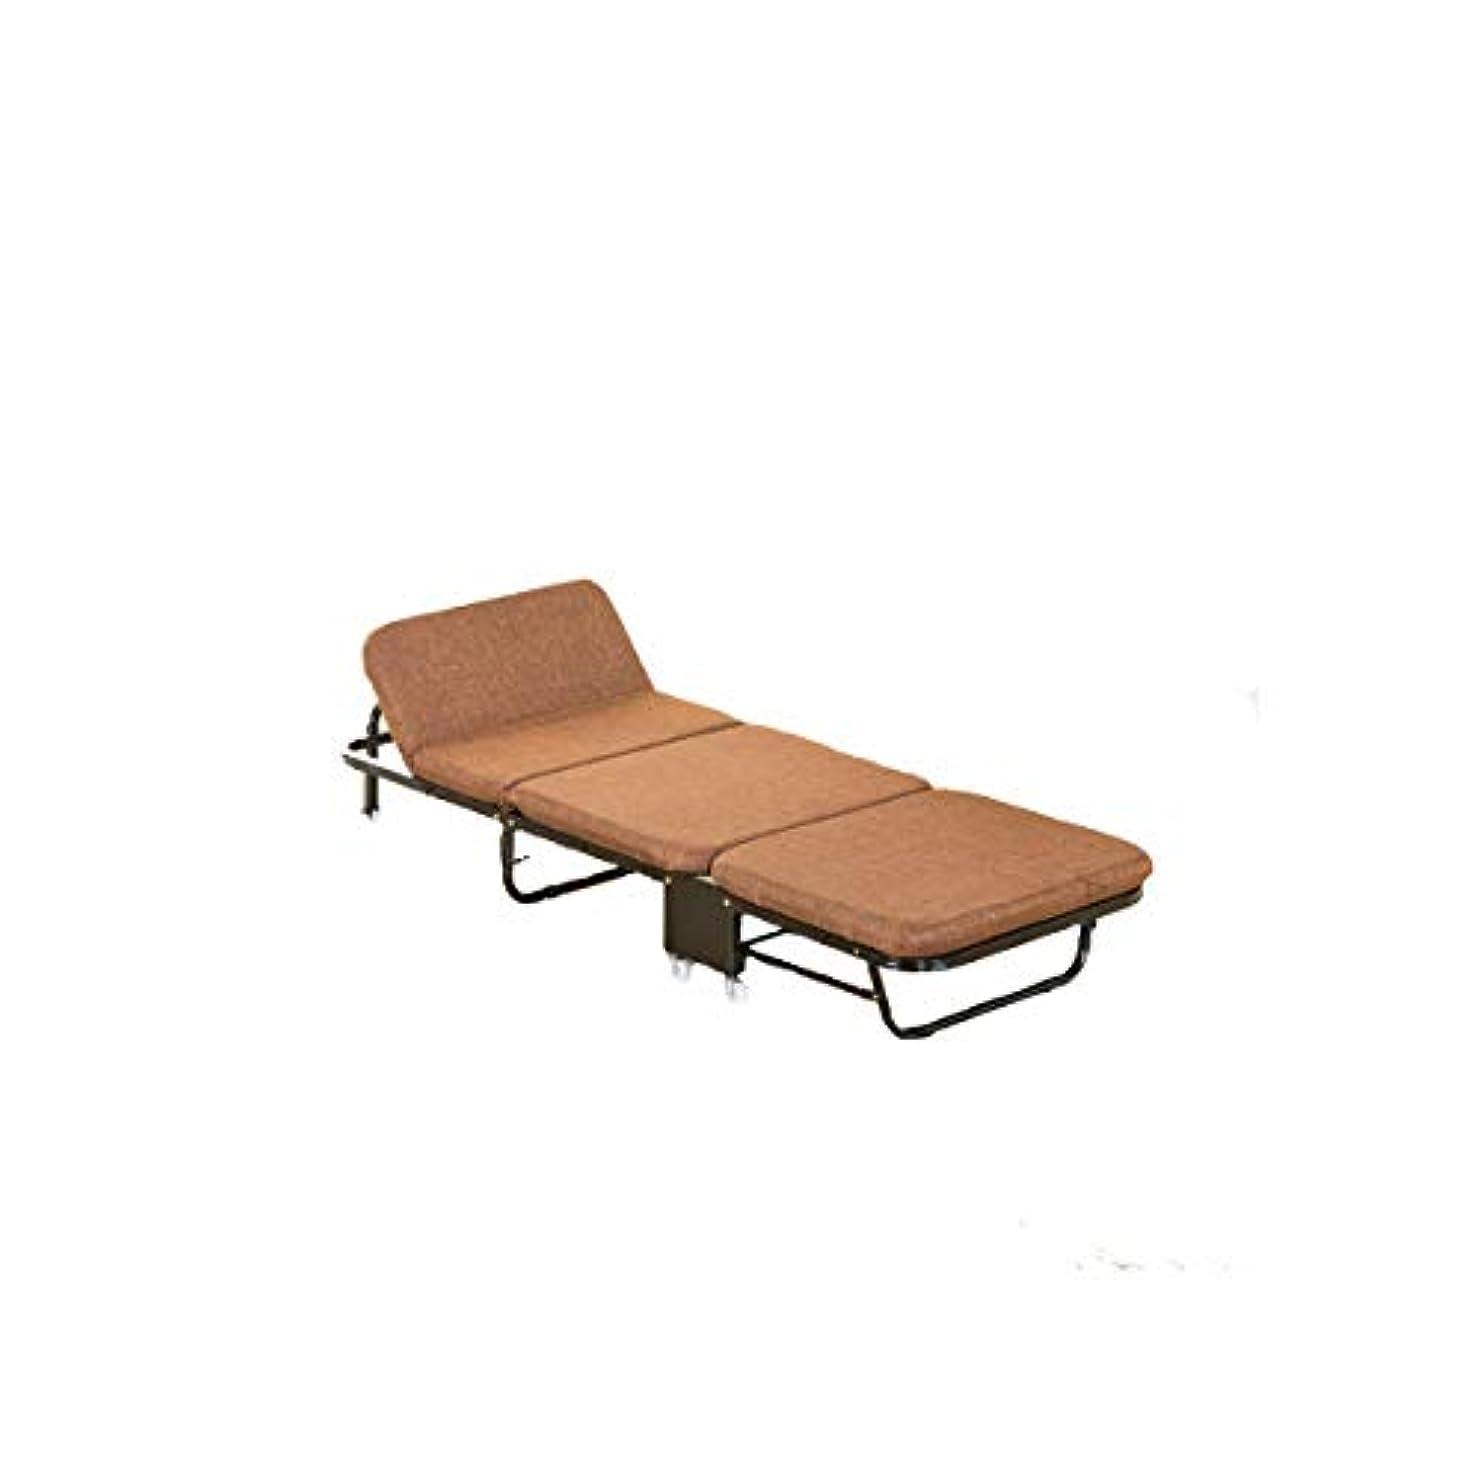 テスピアン感情の条約KEHUITONG 折りたたみ式ベッド、組み立て不要、シングルベッドホームスポンジベッドオフィスアダルトシンプルベッドポータブルナップベッドランチブレイク3折りたたみ式ベッド、デュアルユース、グレー(65cm、75フル、90cm)、コーヒー(65cm、75フル、90cm) (Color : Coffee, Size : 65cm)